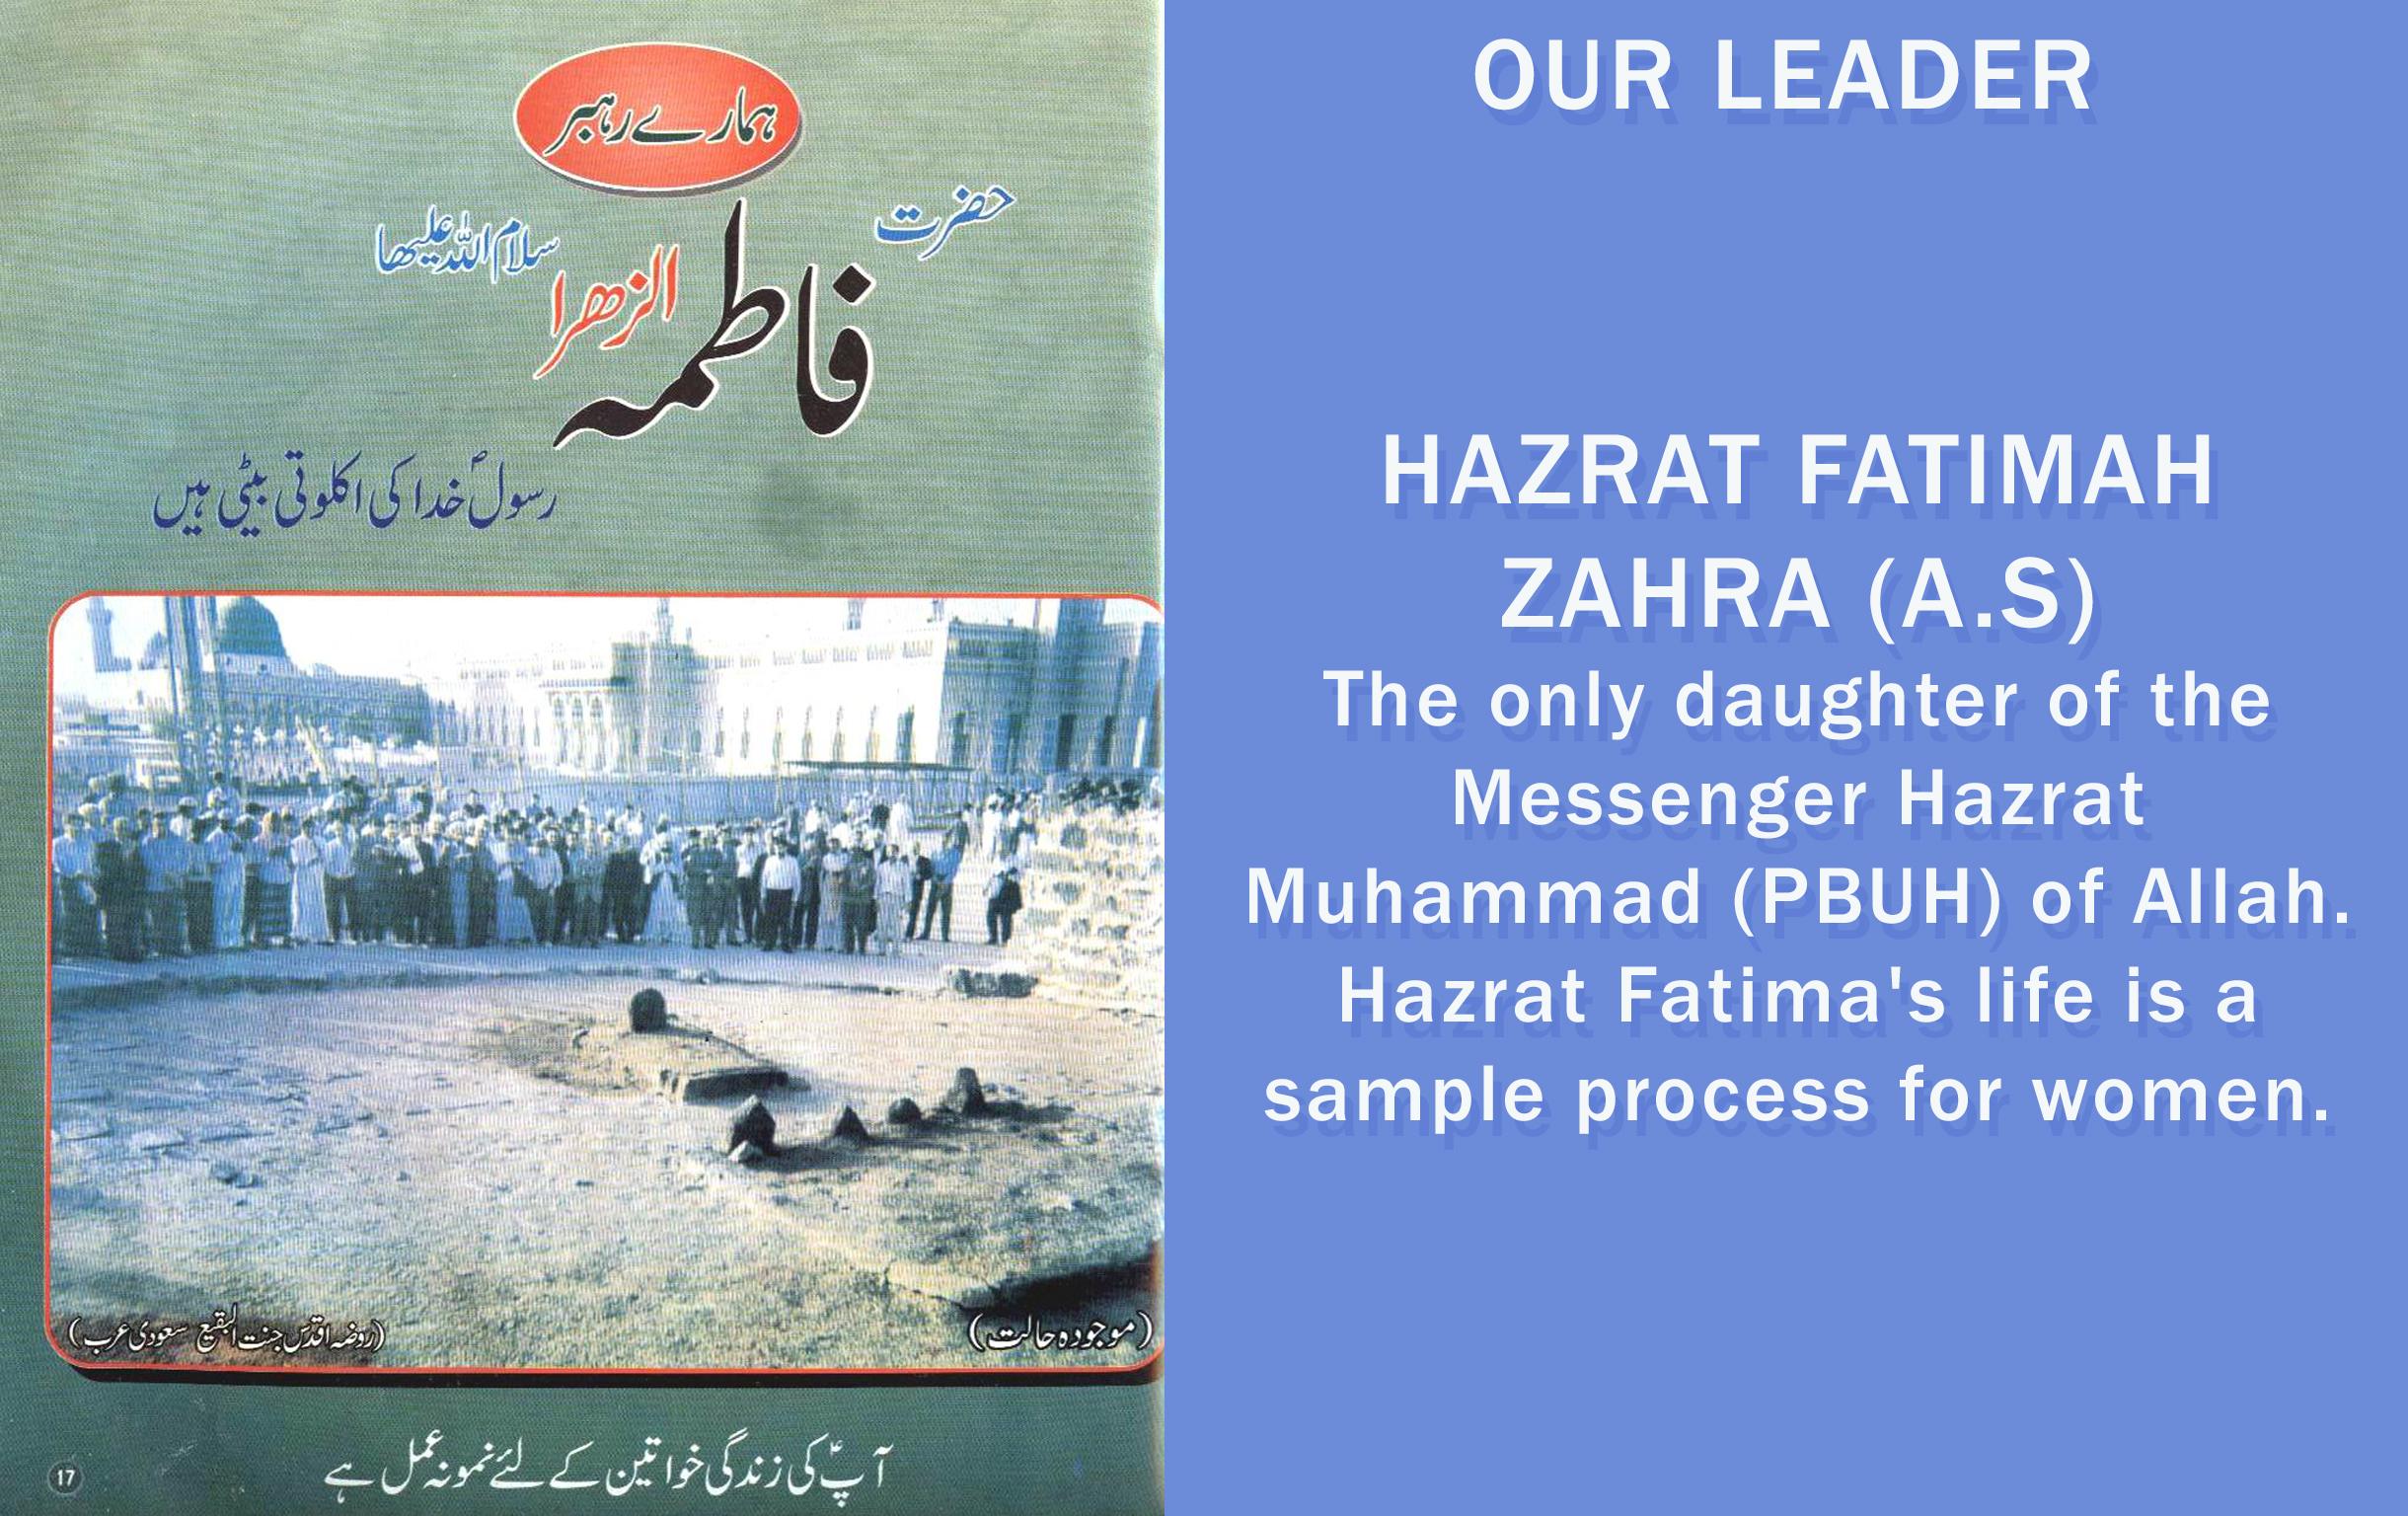 Hazrat Fatimah A.S